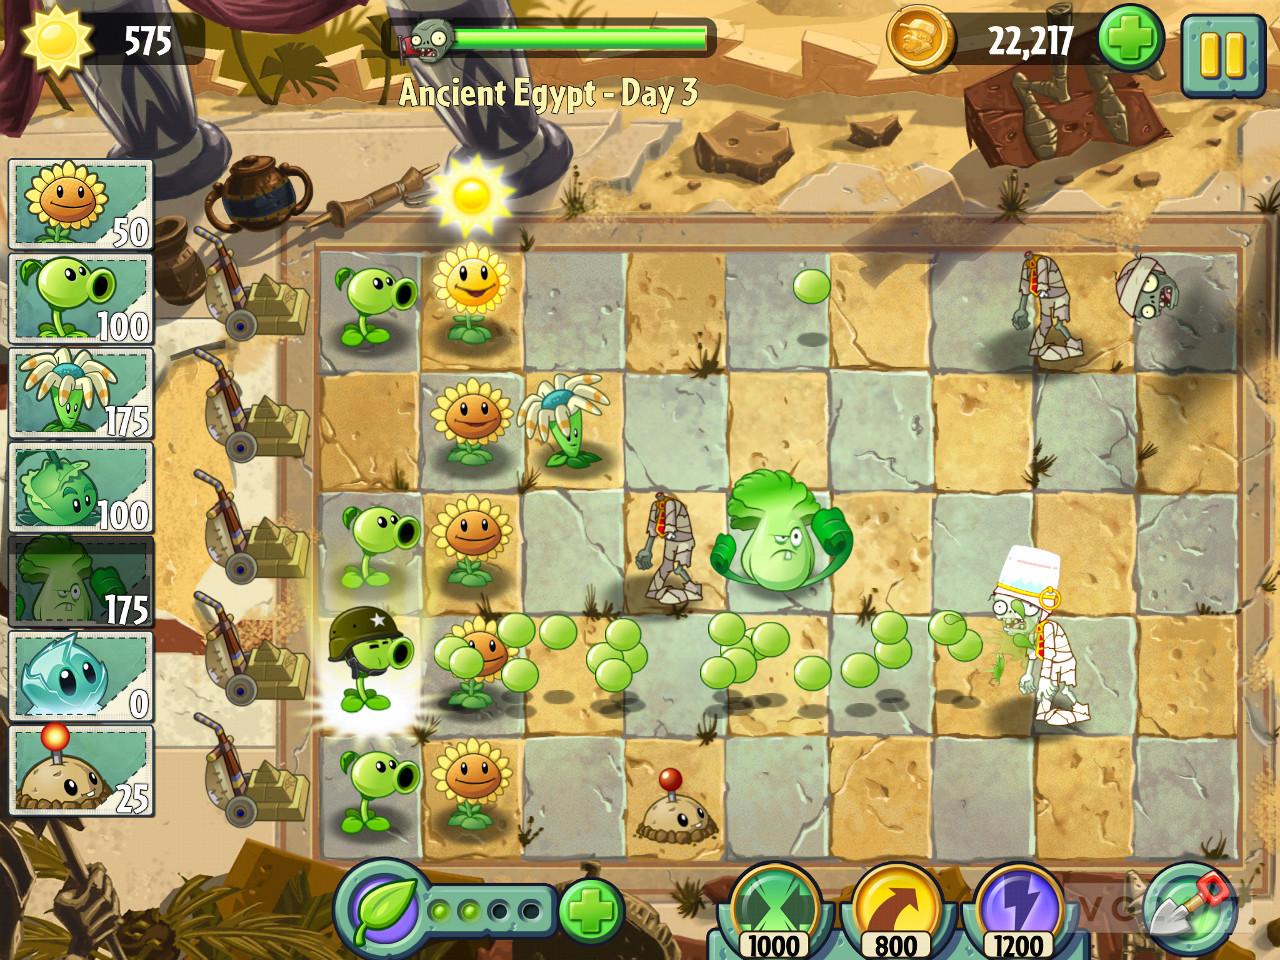 In ilk oyunuyla büyük başarı yakaladığı plants vs zombies oyunu